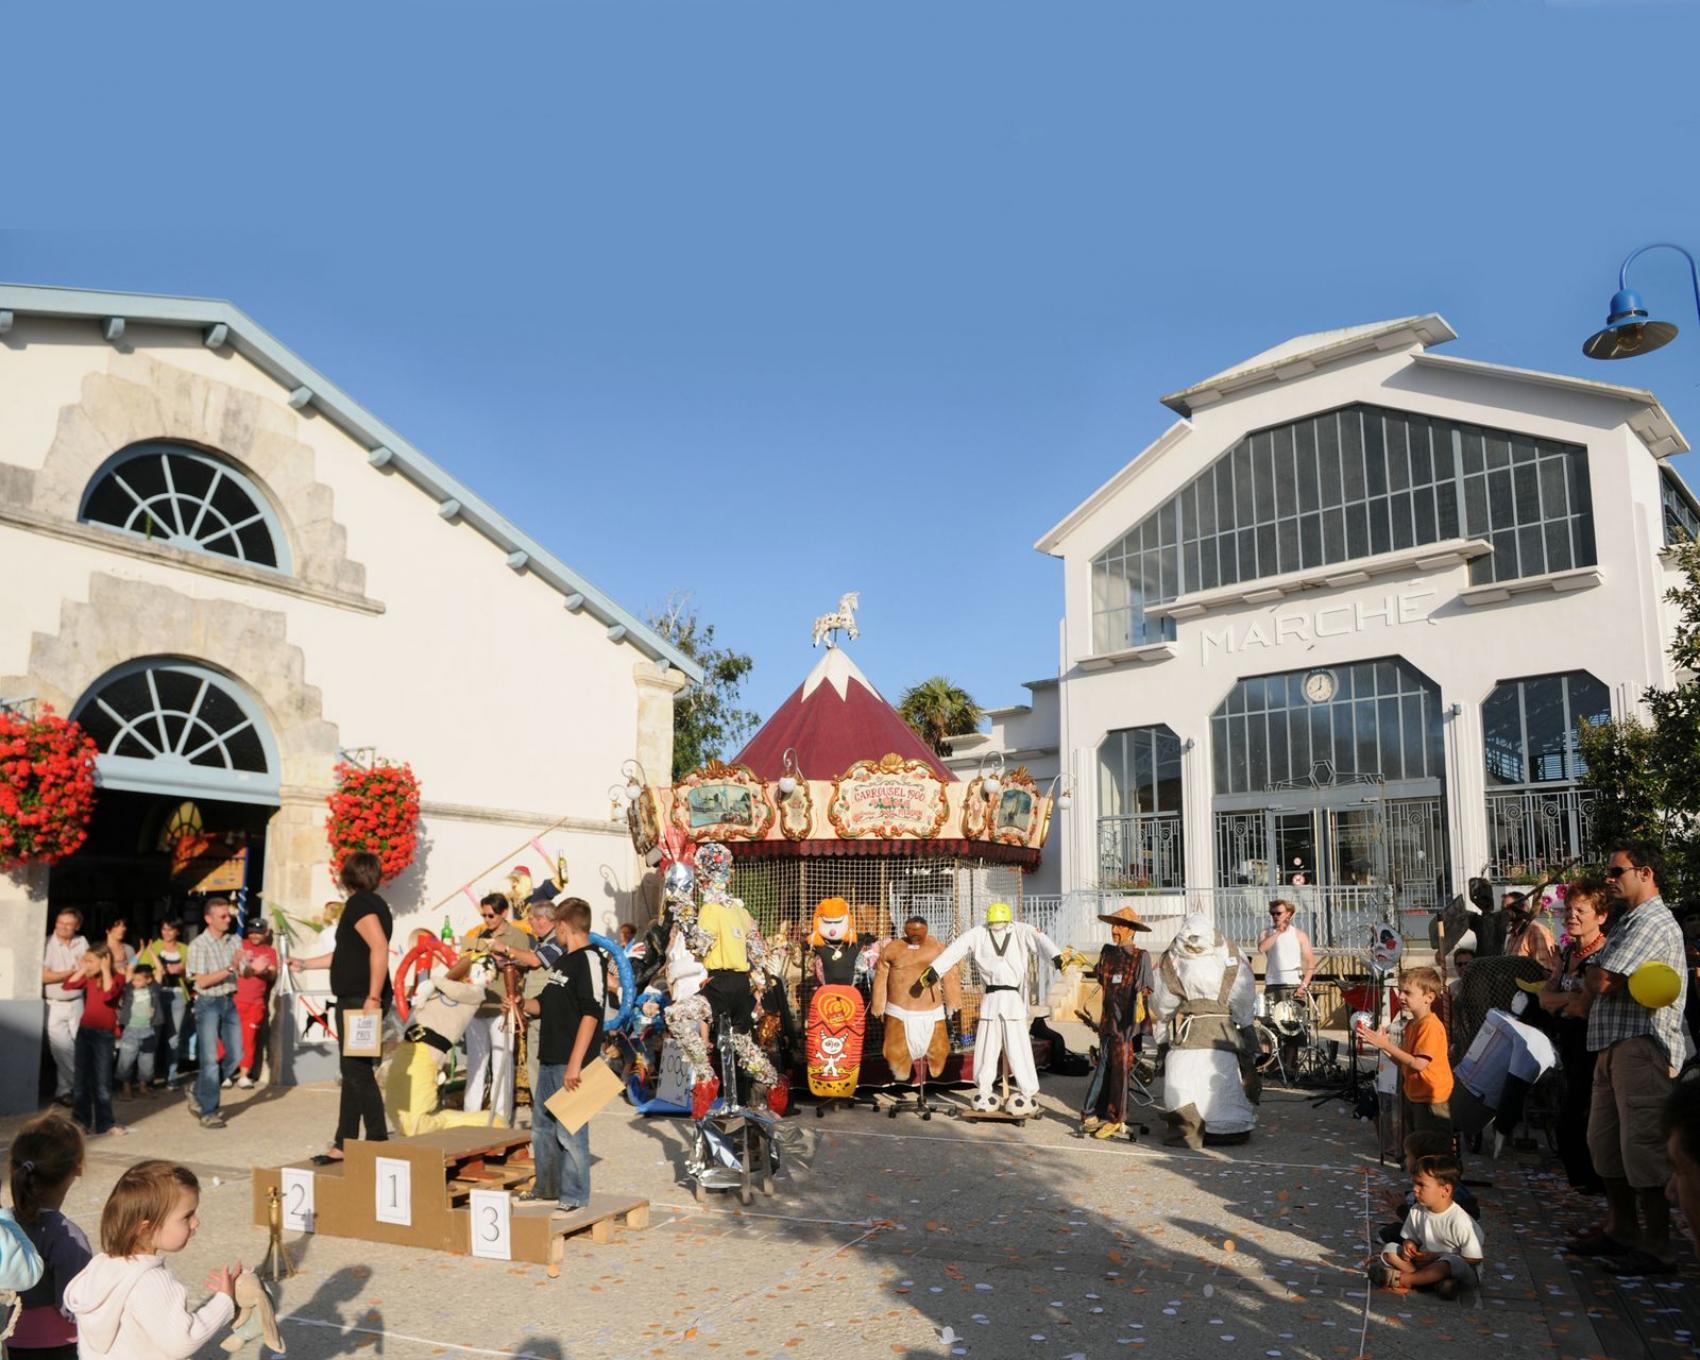 Les march s et les foires fouras les bains station for Fouras hotel des bains